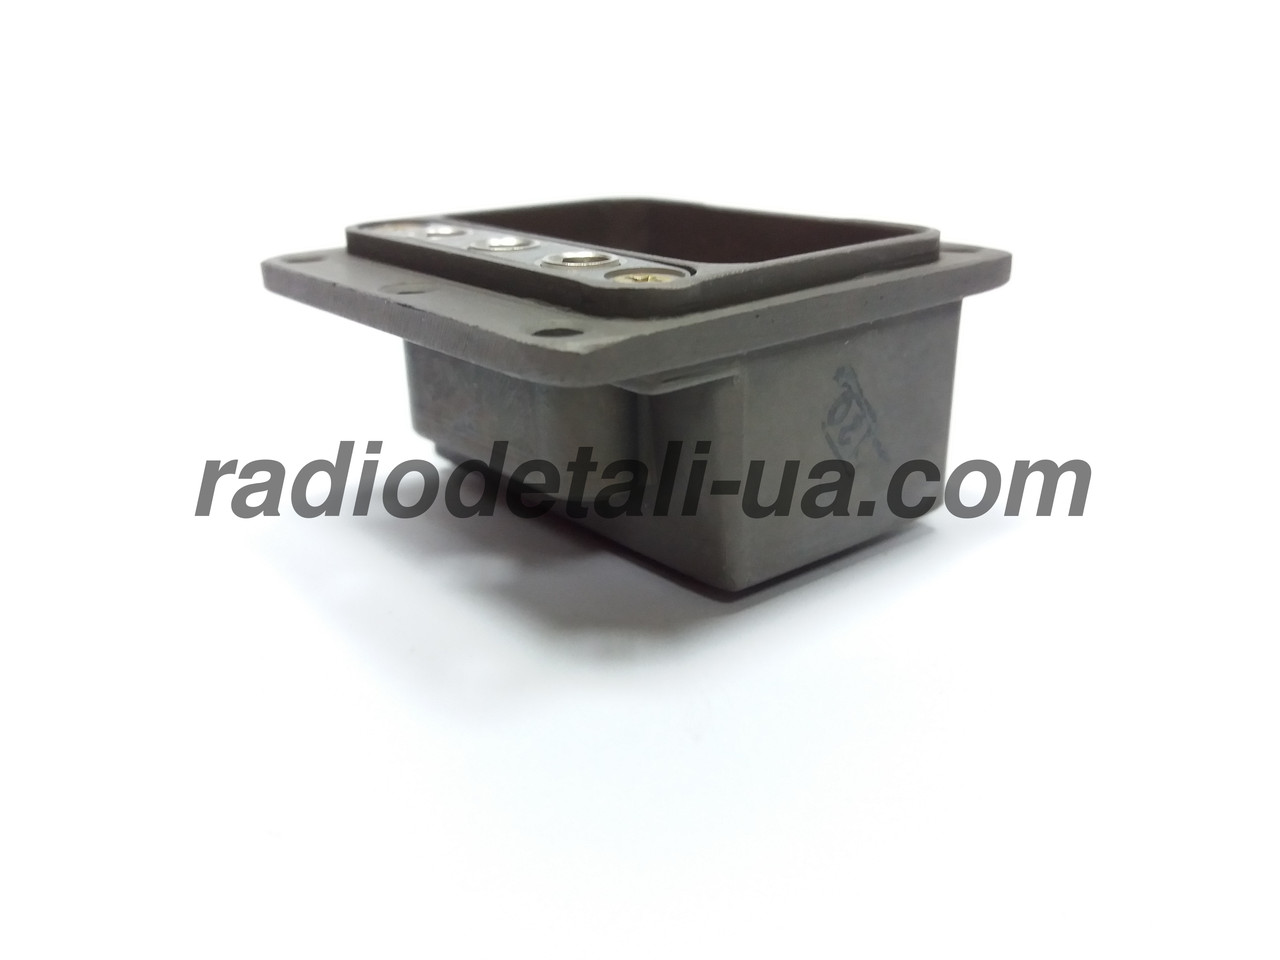 Электрические соединители РПКМ1-45Ш1-В